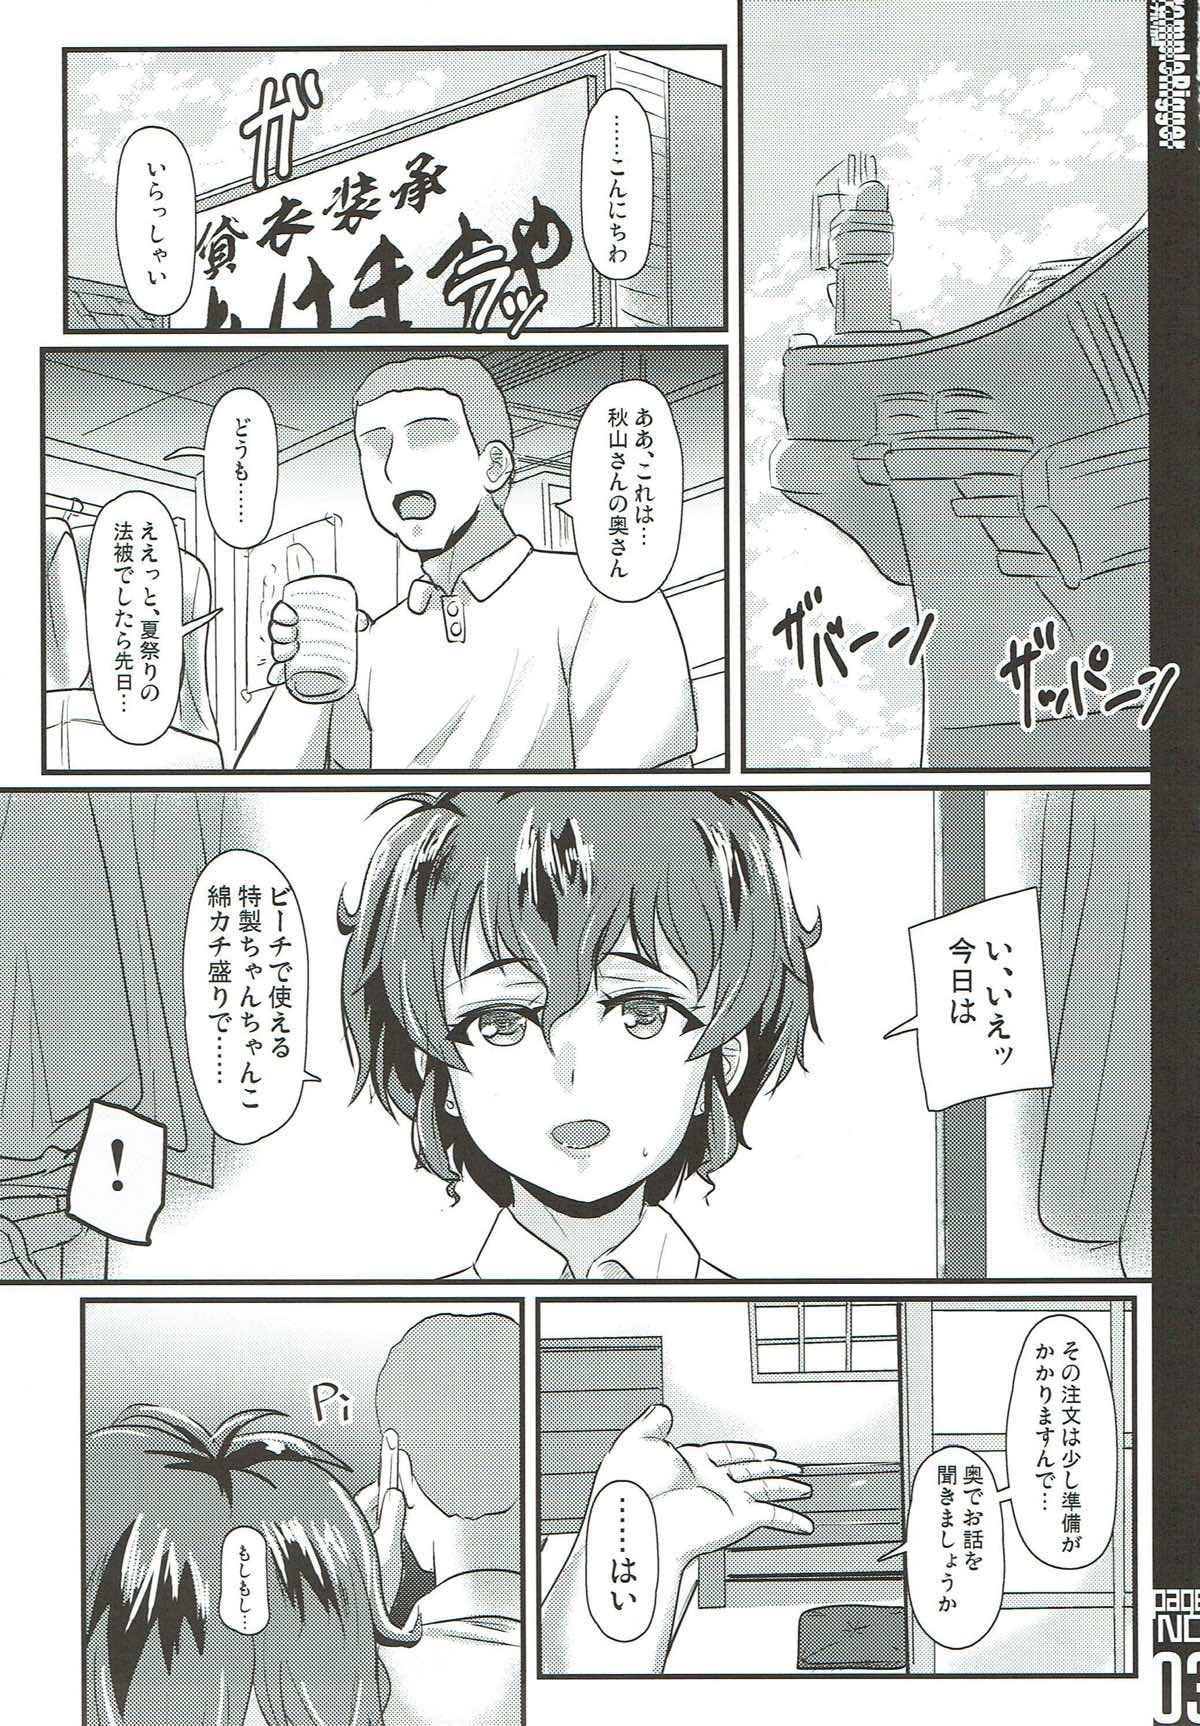 Gakuenkan Tsuma wa Usagifuku no Yume o Miru ka? 1